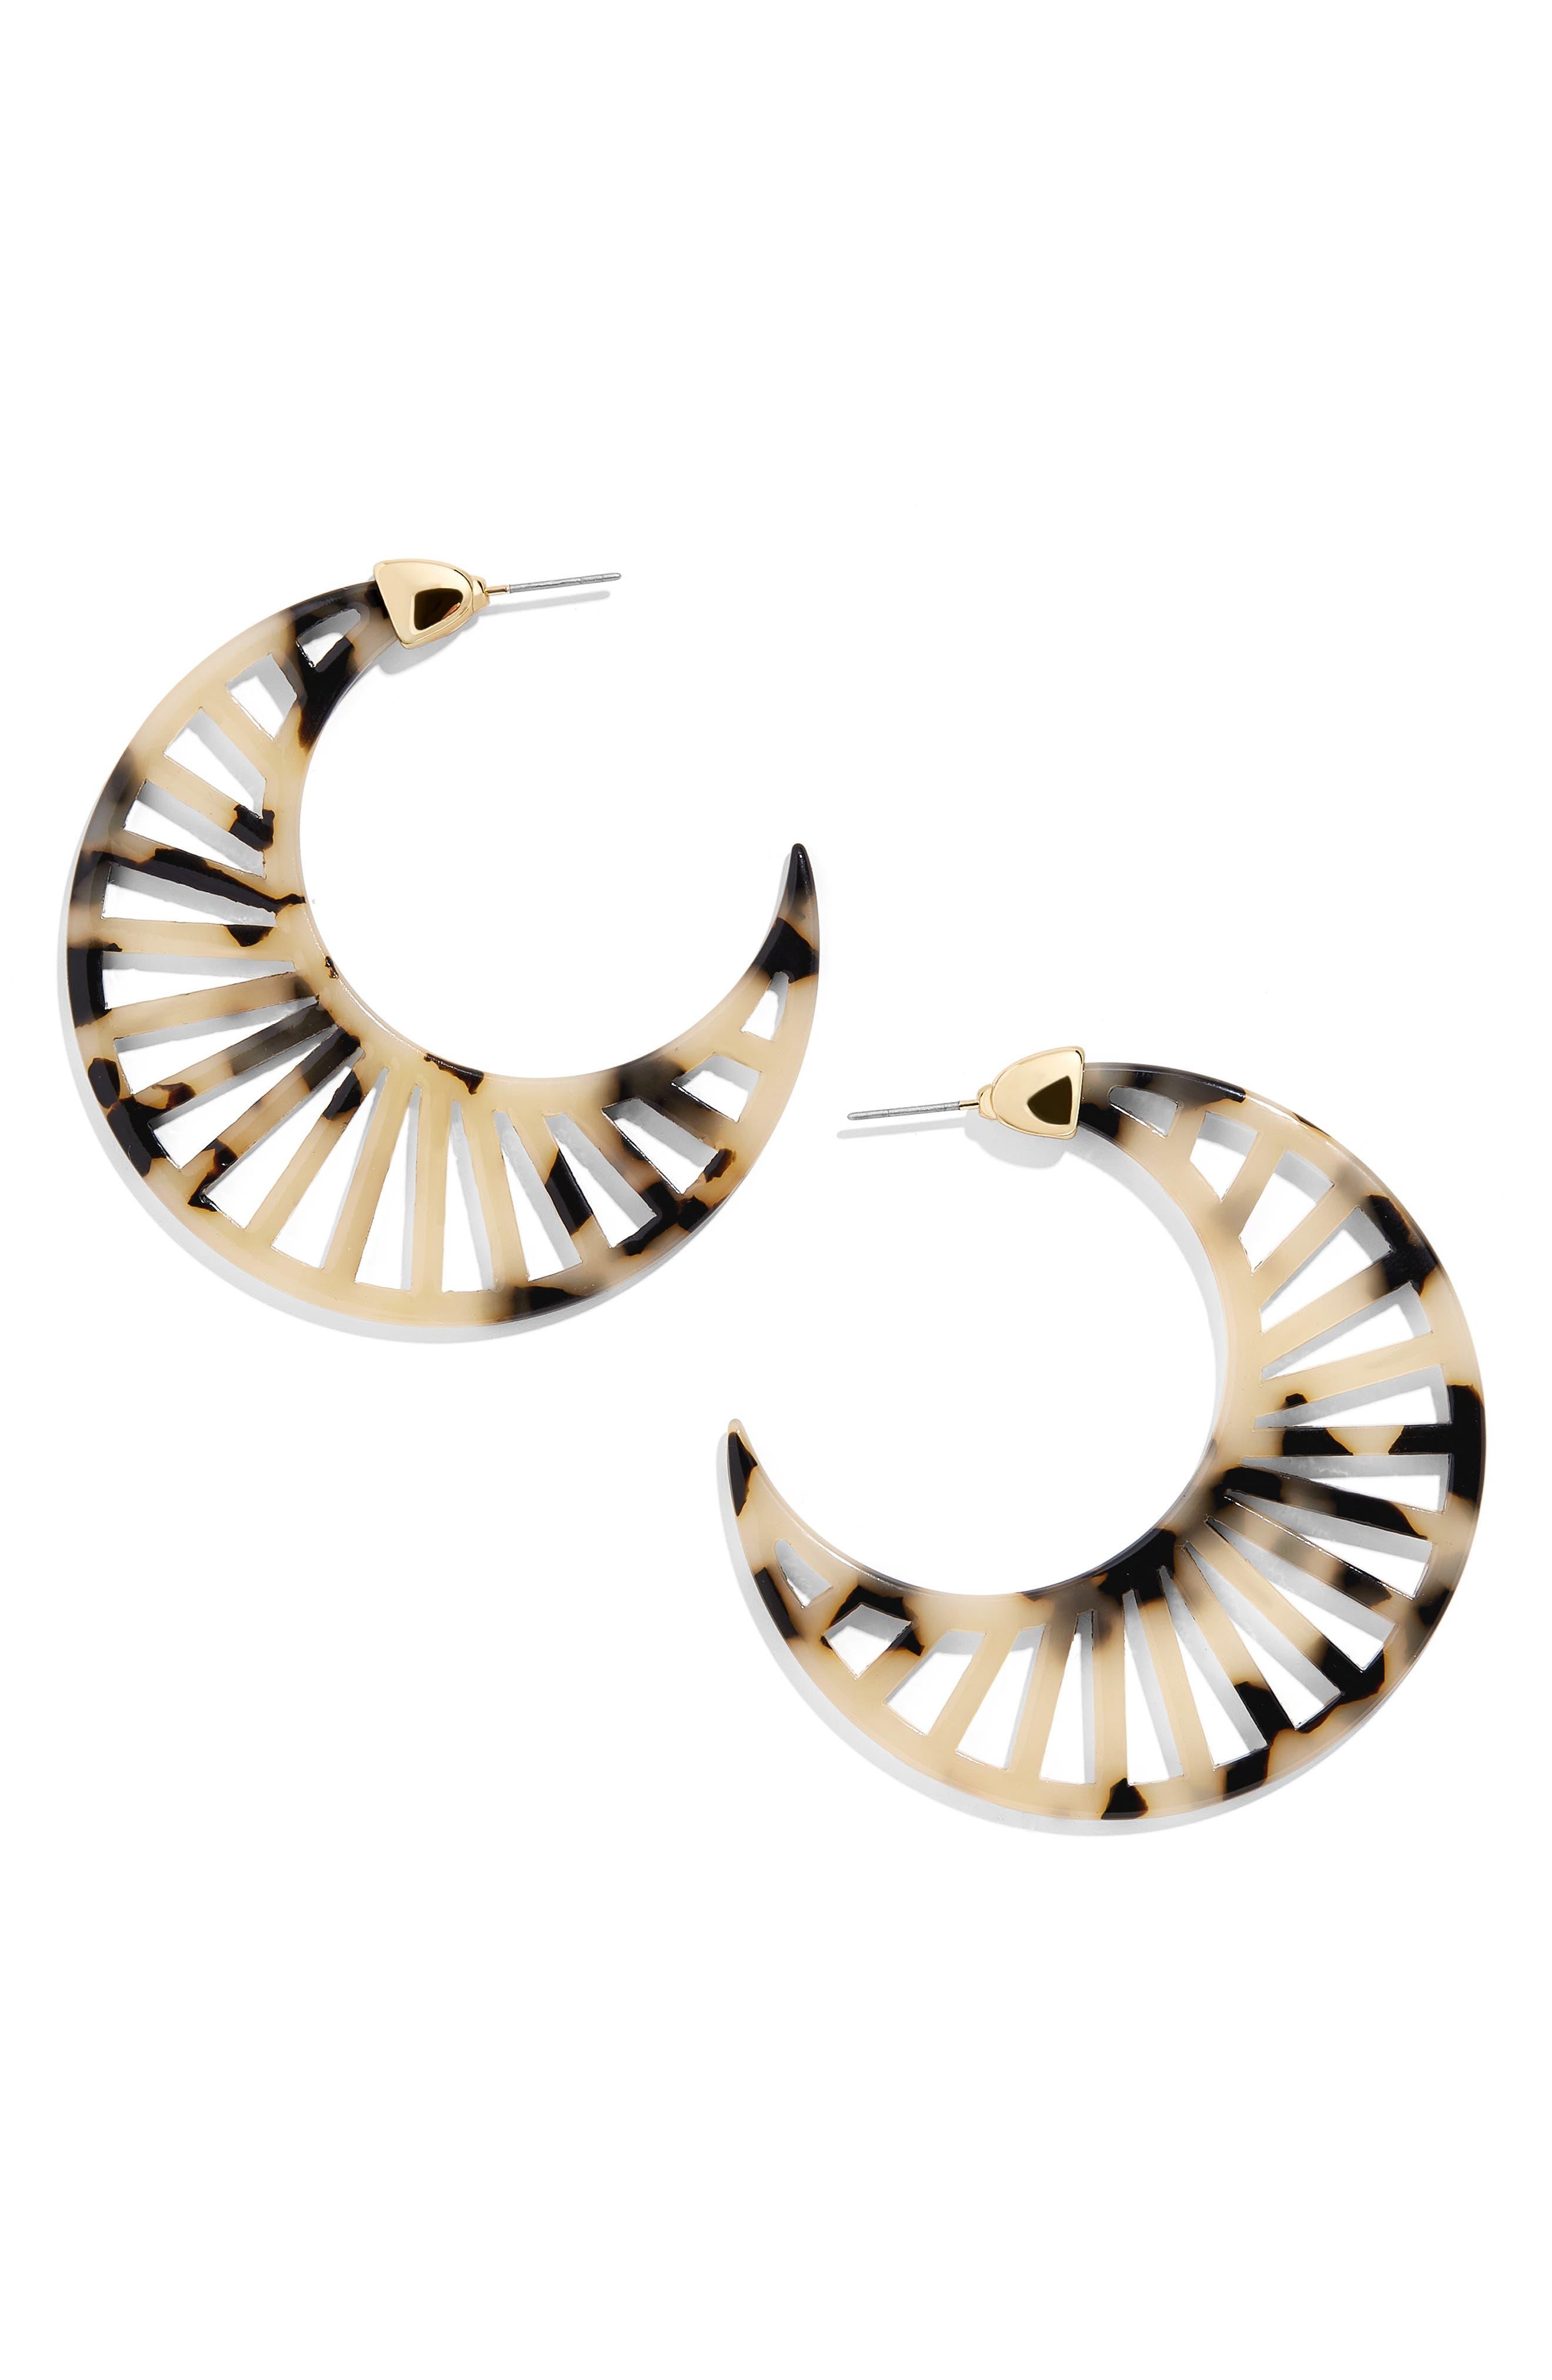 BAUBLEBAR Resin Crescent Moon Earrings, Main, color, TORTOISE